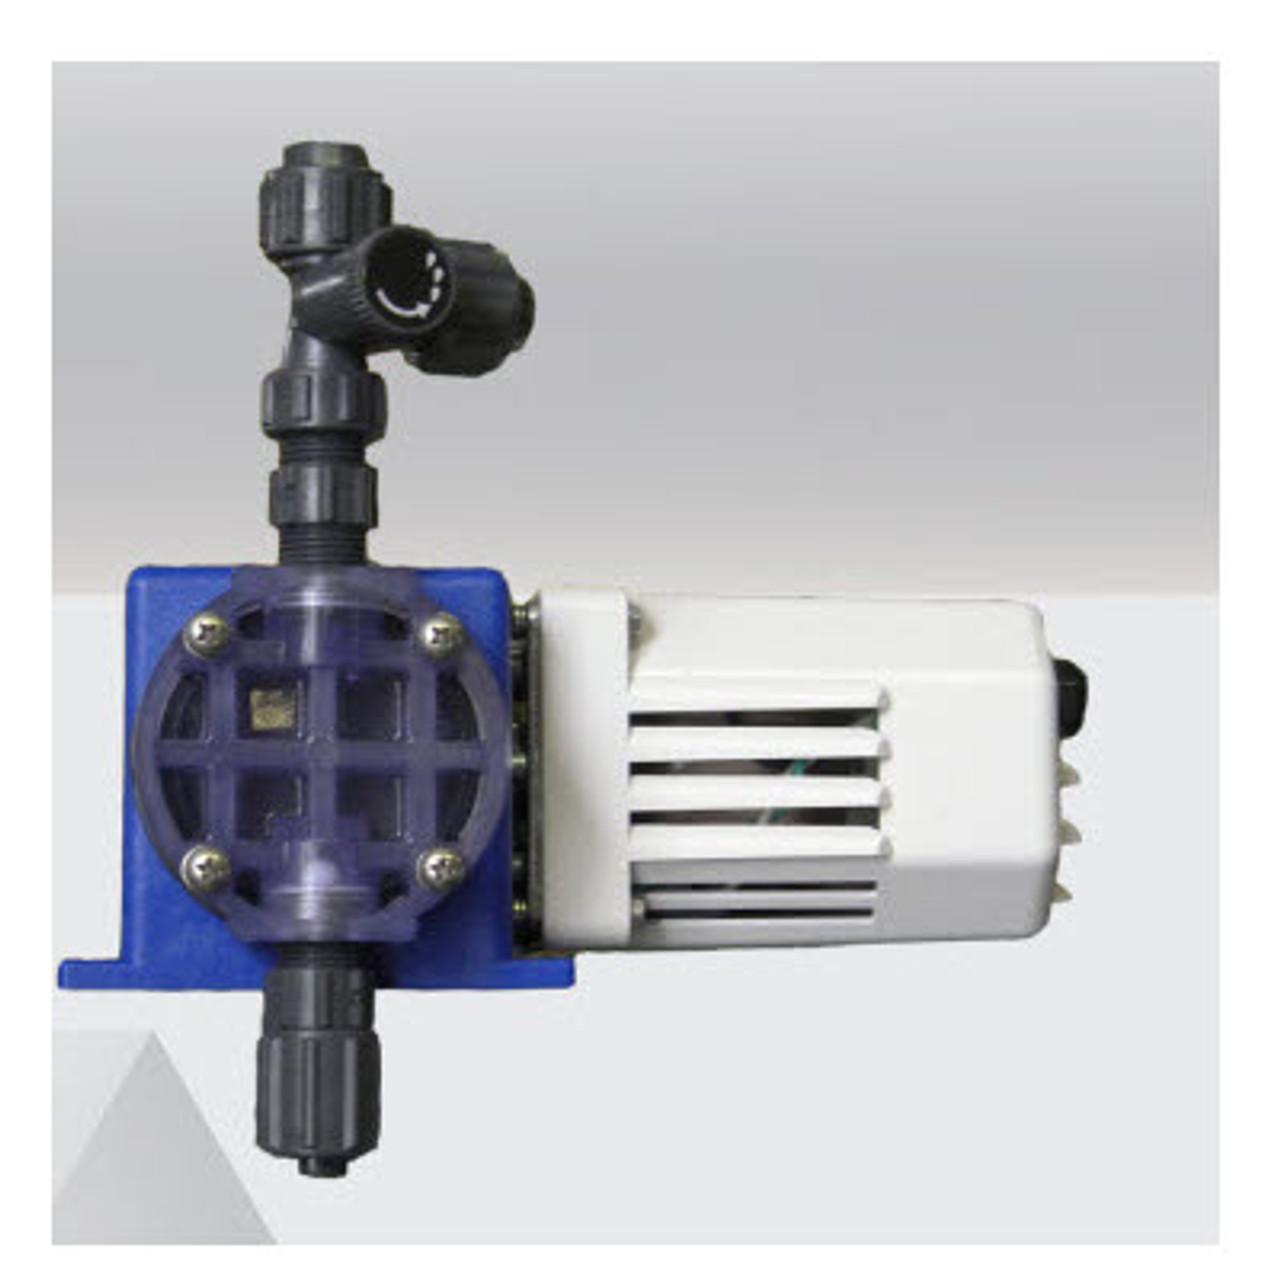 Chem-Tech Series 100 Pump by Pulsafeeder